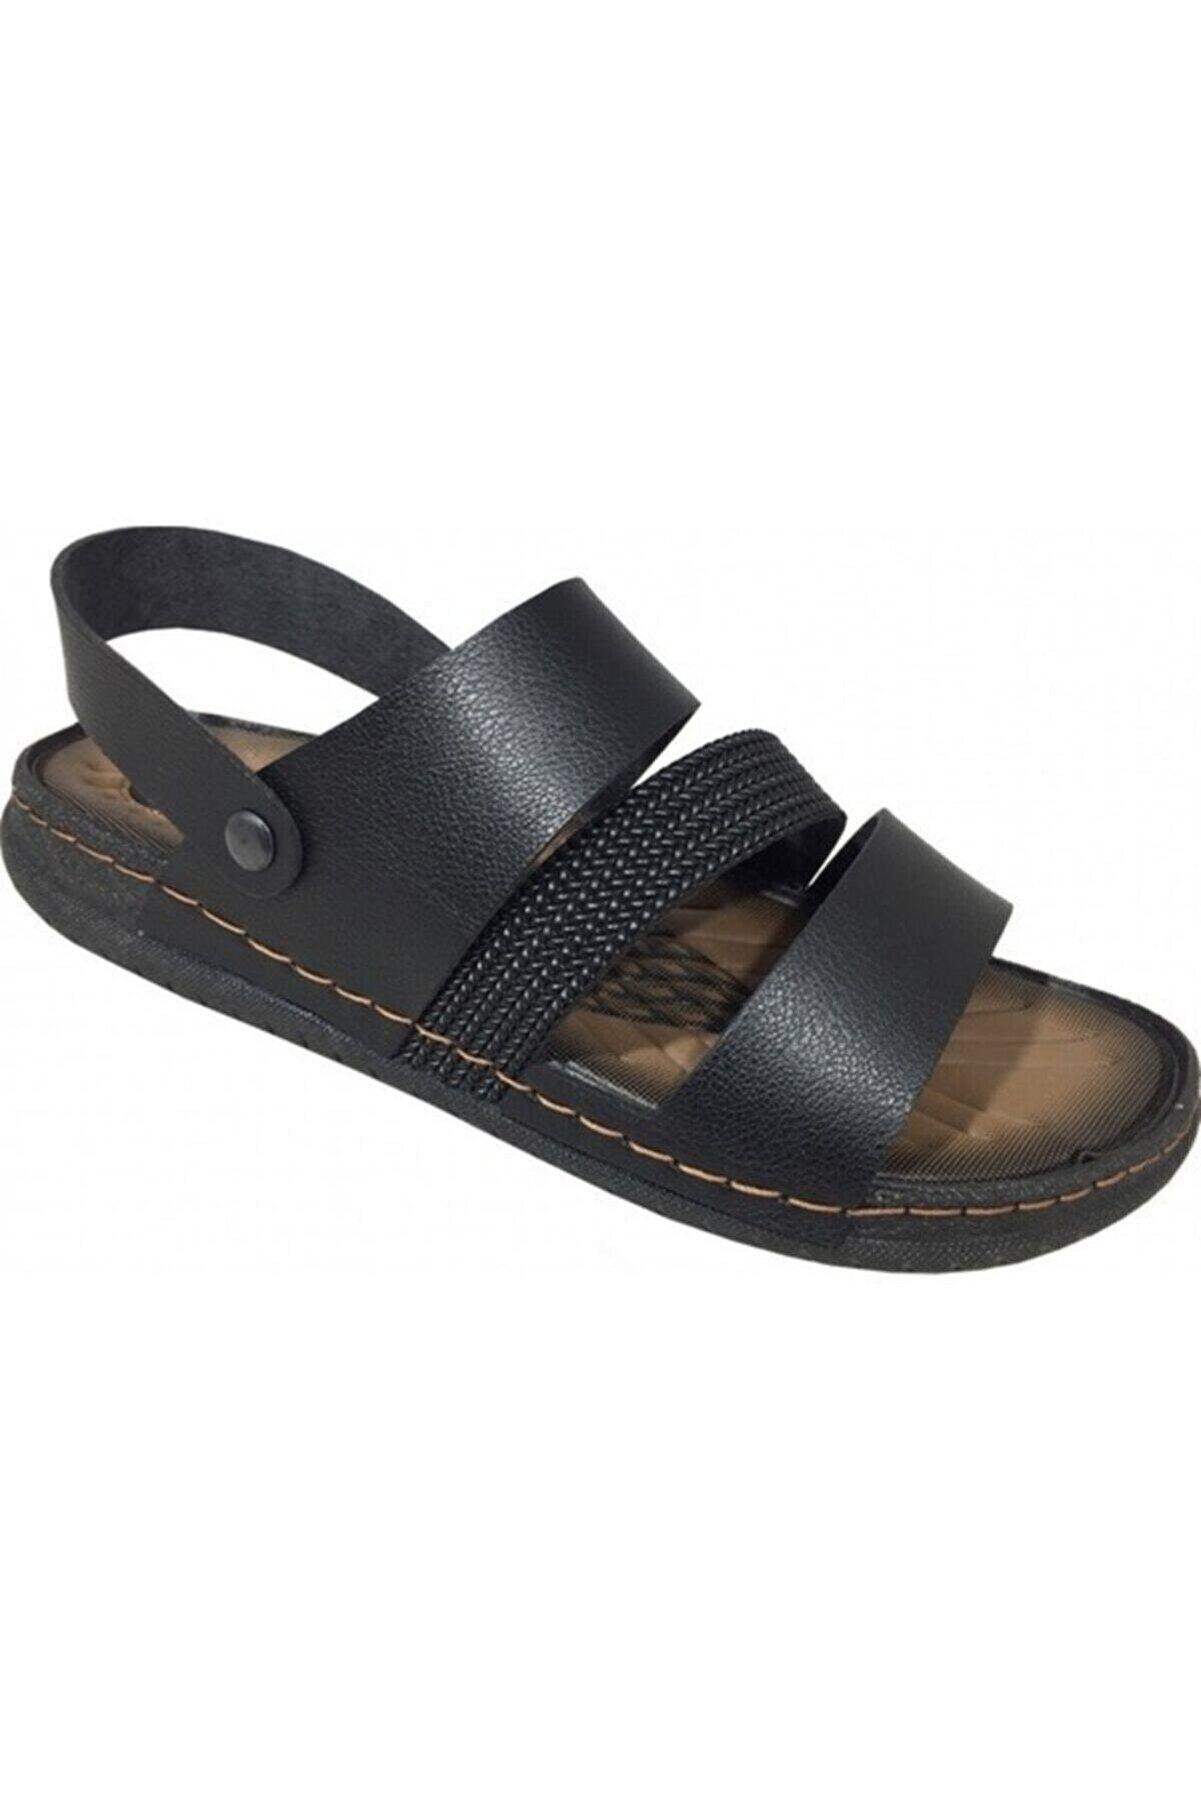 Gezer Erkek Günklük Deri Tam Ortapedik Sandalet Terlik- Altın Adım